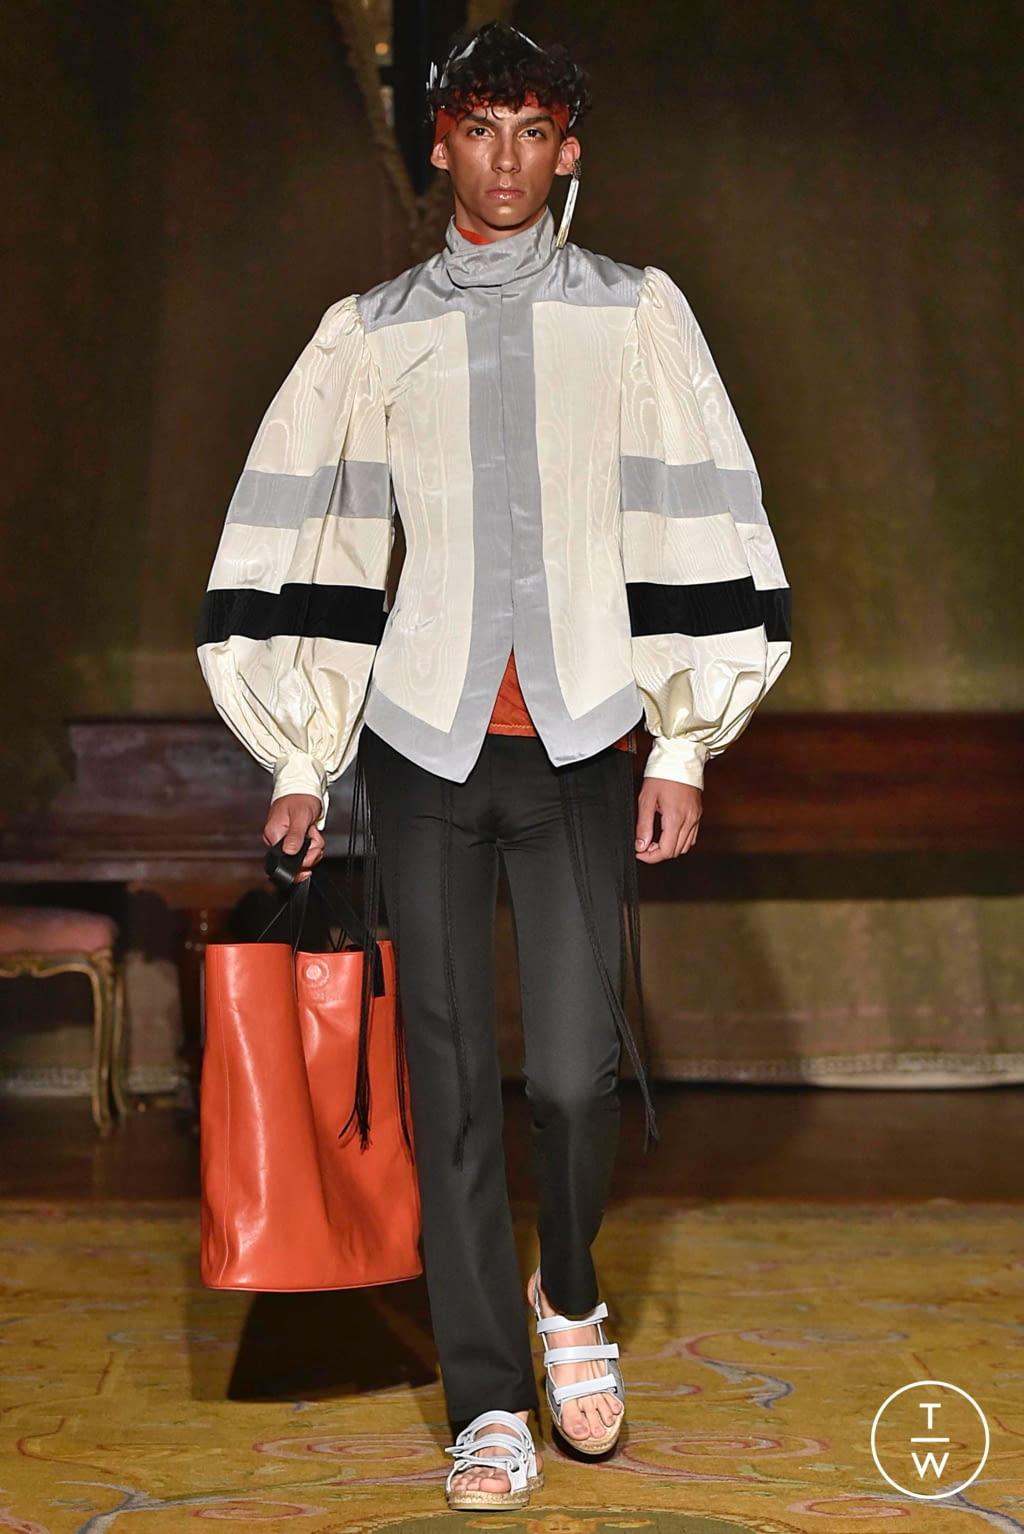 Fashion Week Paris Spring/Summer 2020 look 17 de la collection Palomo Spain menswear